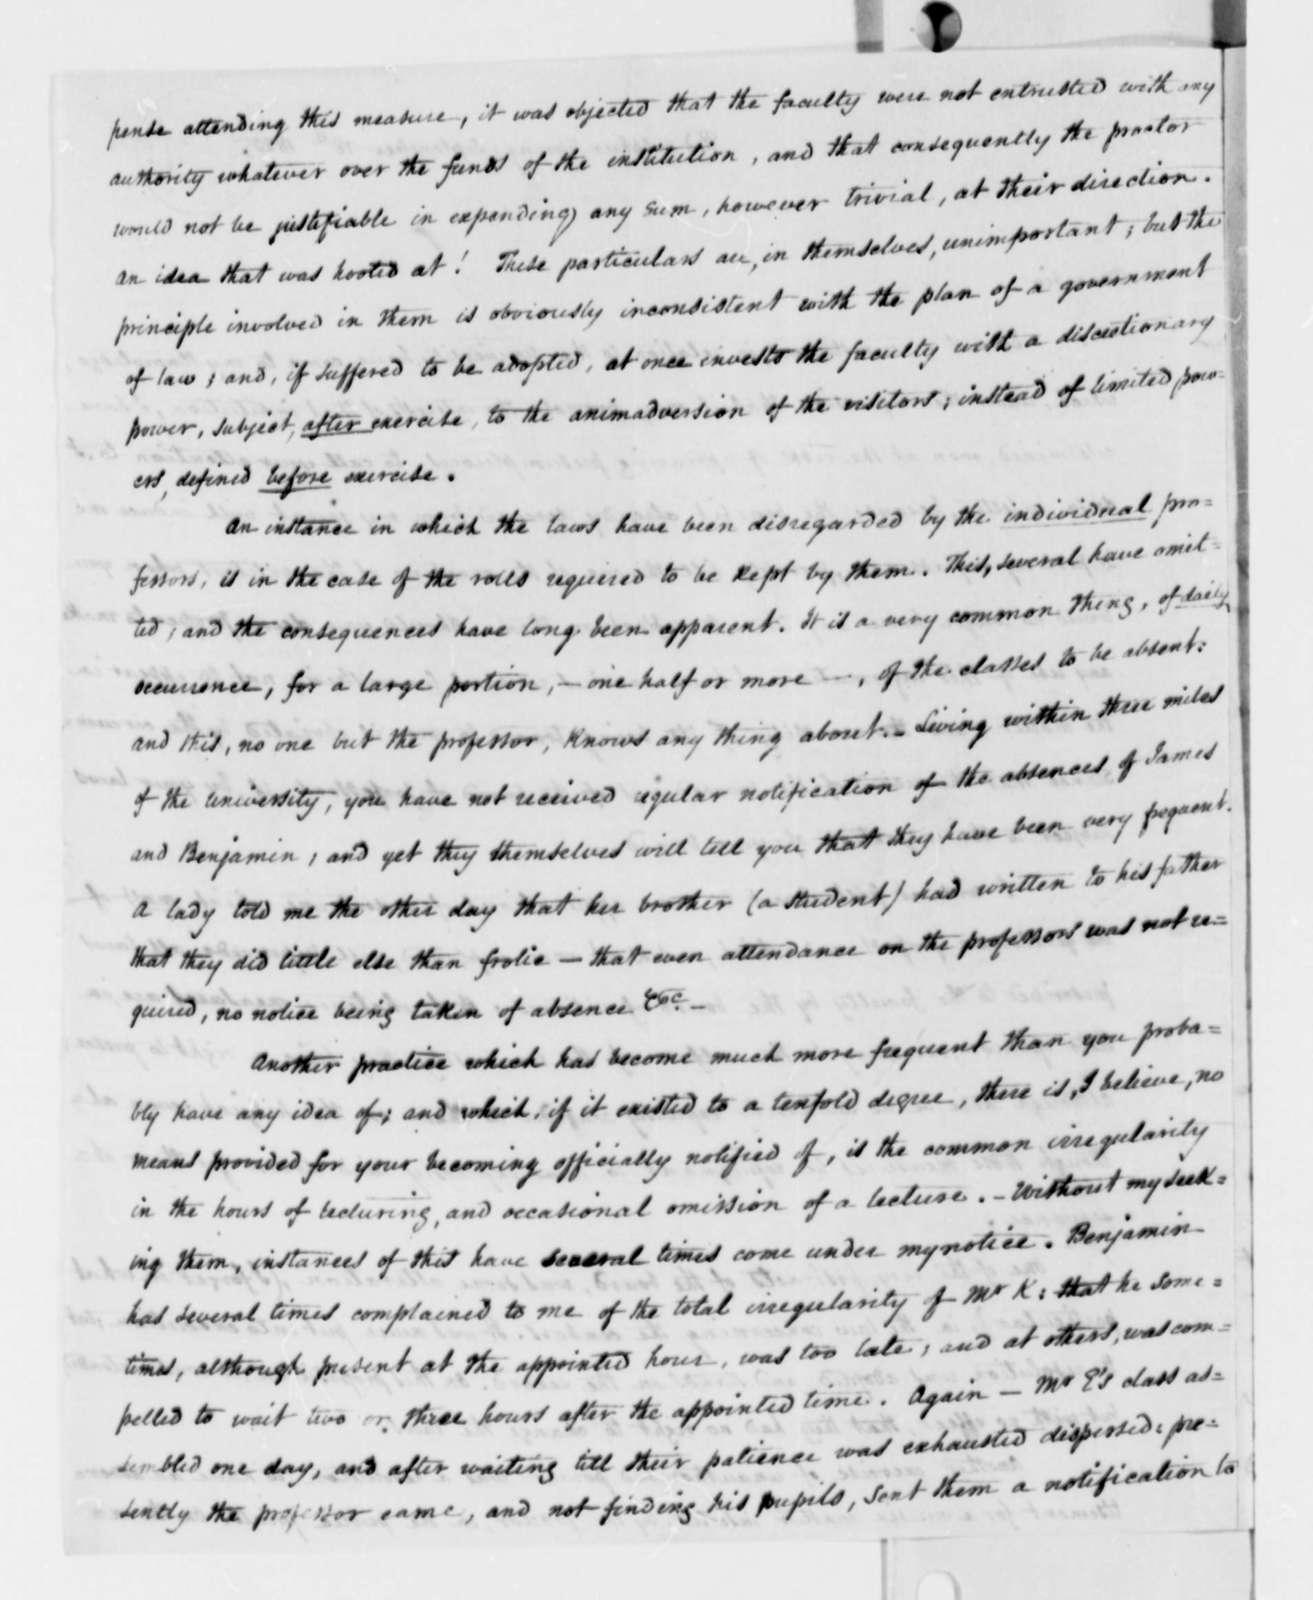 Nicholas P. Trist to Thomas Jefferson, September 18, 1825